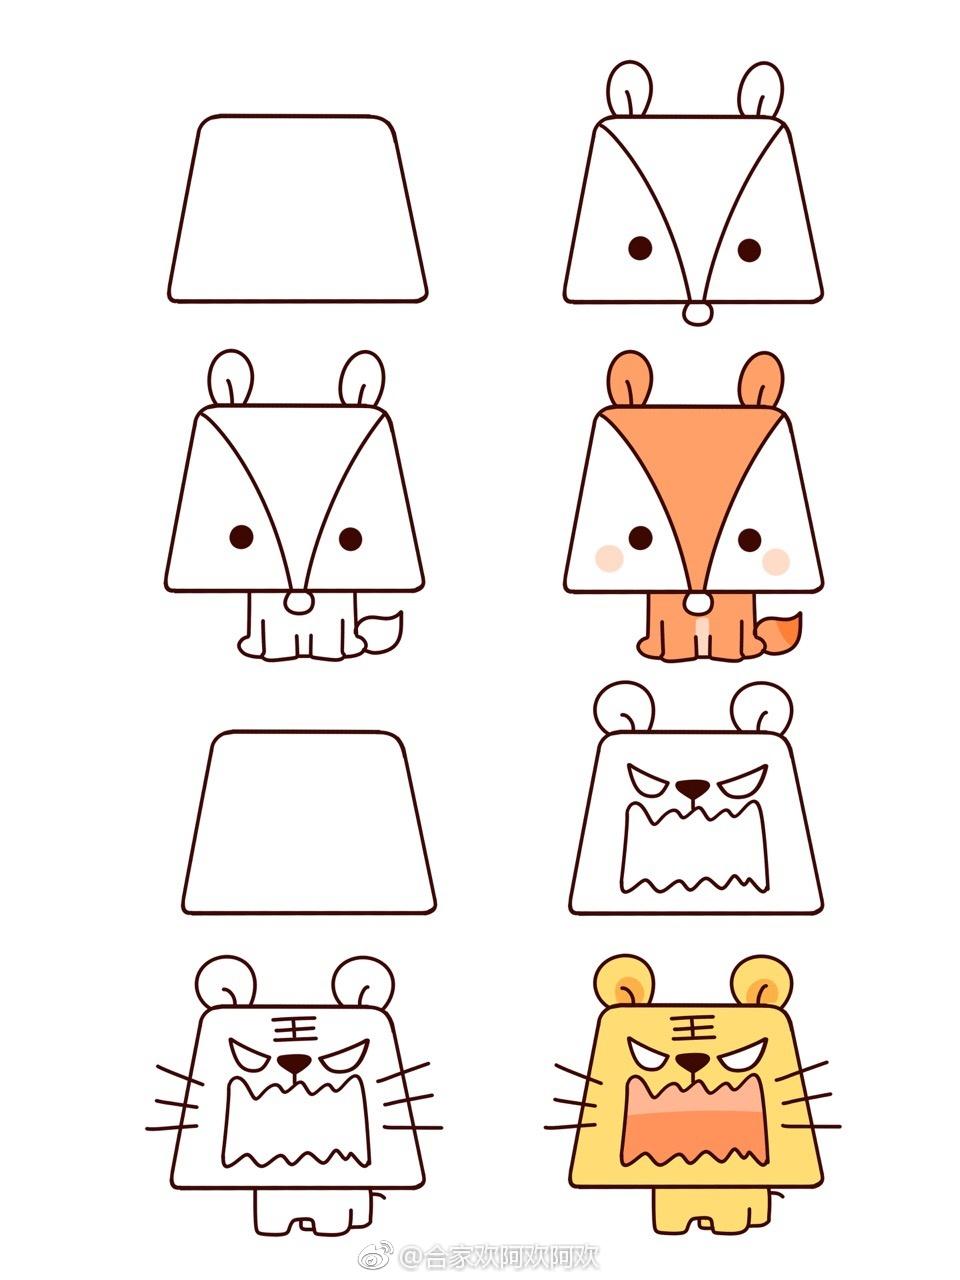 梯形小动物简笔画( ω )又可爱又简单